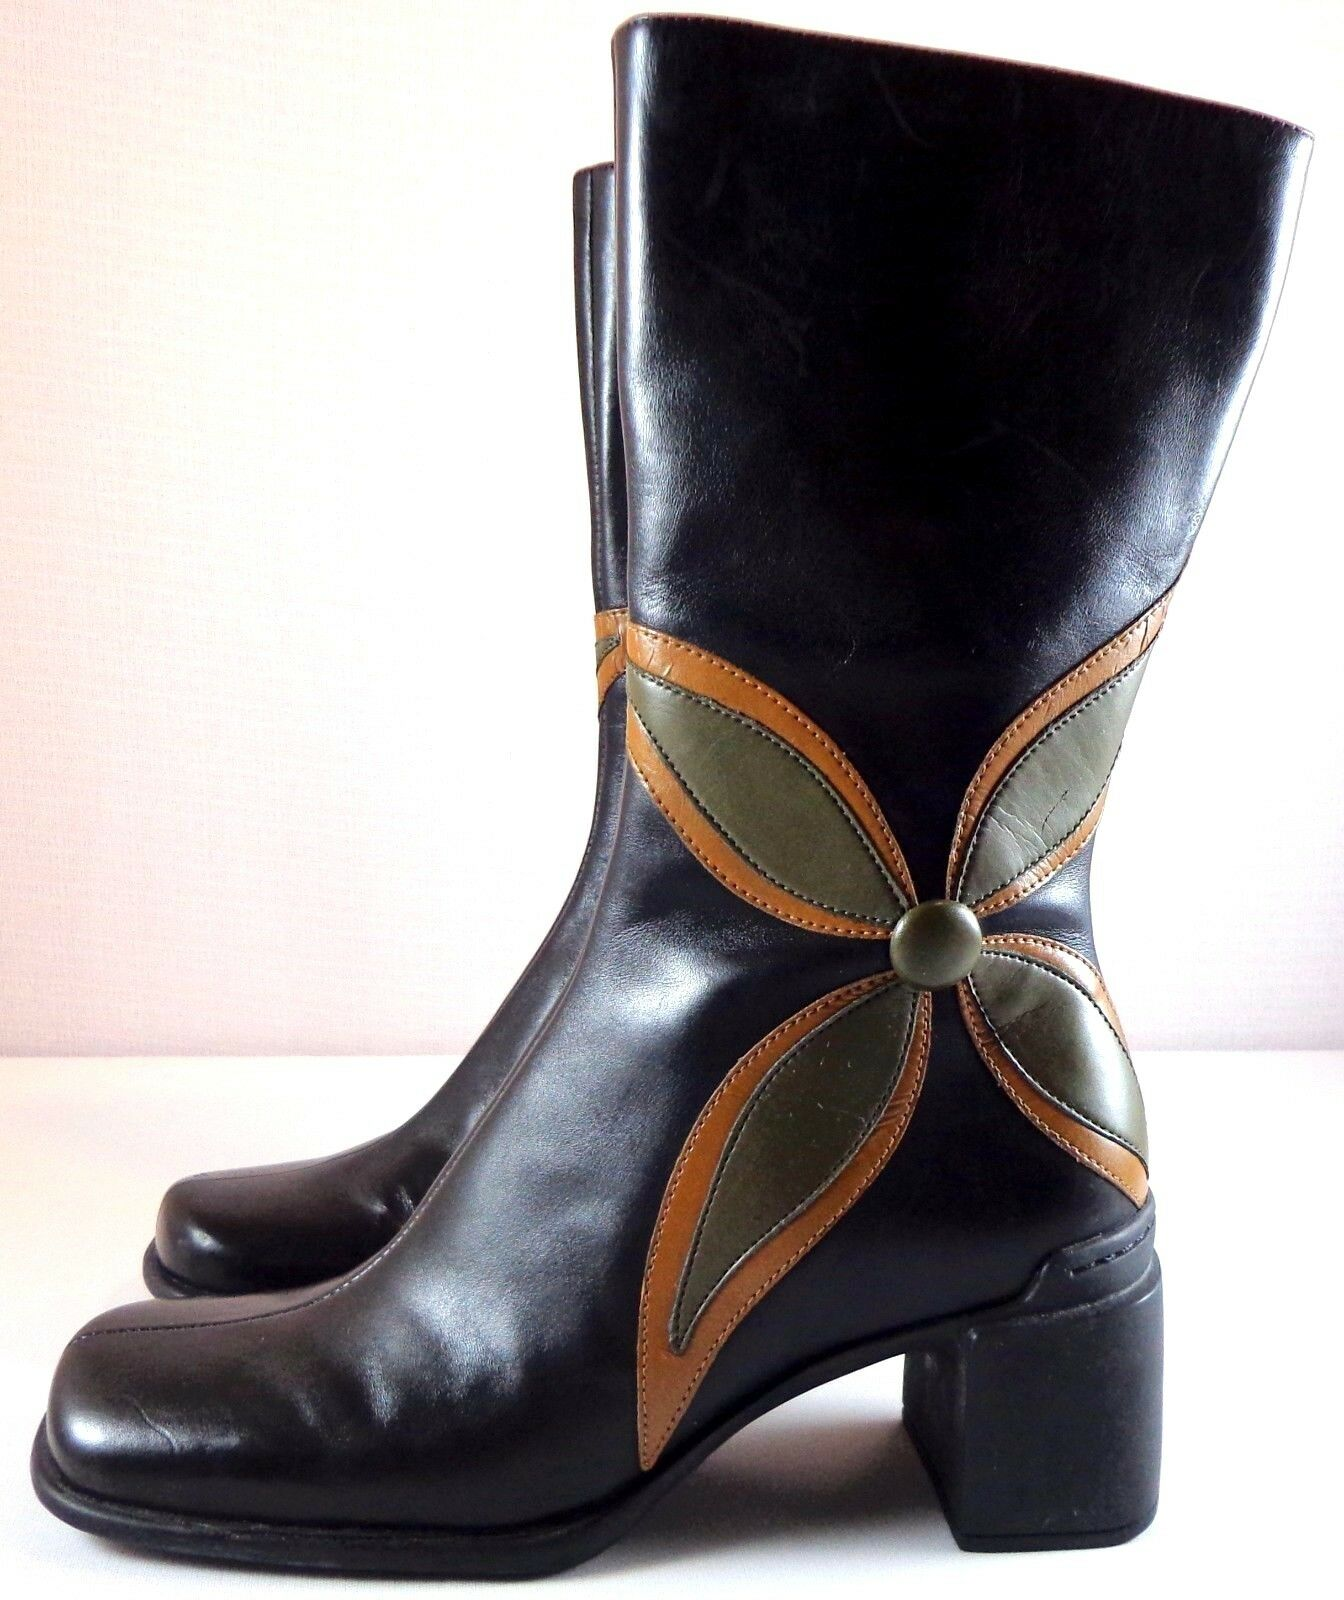 nuovo sadico Clarks Indigo stivali donna nero nero nero Leather Mid-Calf Dimensione 5.5 M Flower Side Zip  risparmia fino al 30-50% di sconto